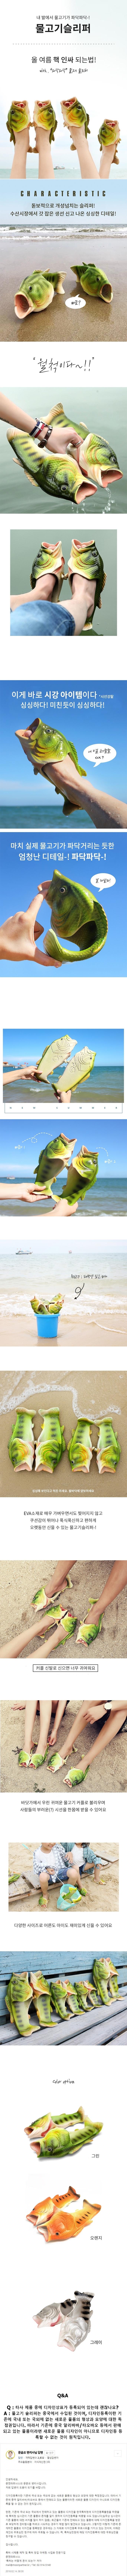 갓샵 태국 물고기슬리퍼 특이한 인싸 생선슬리퍼 - 갓샵, 9,900원, 샌들/슬리퍼, 샌들